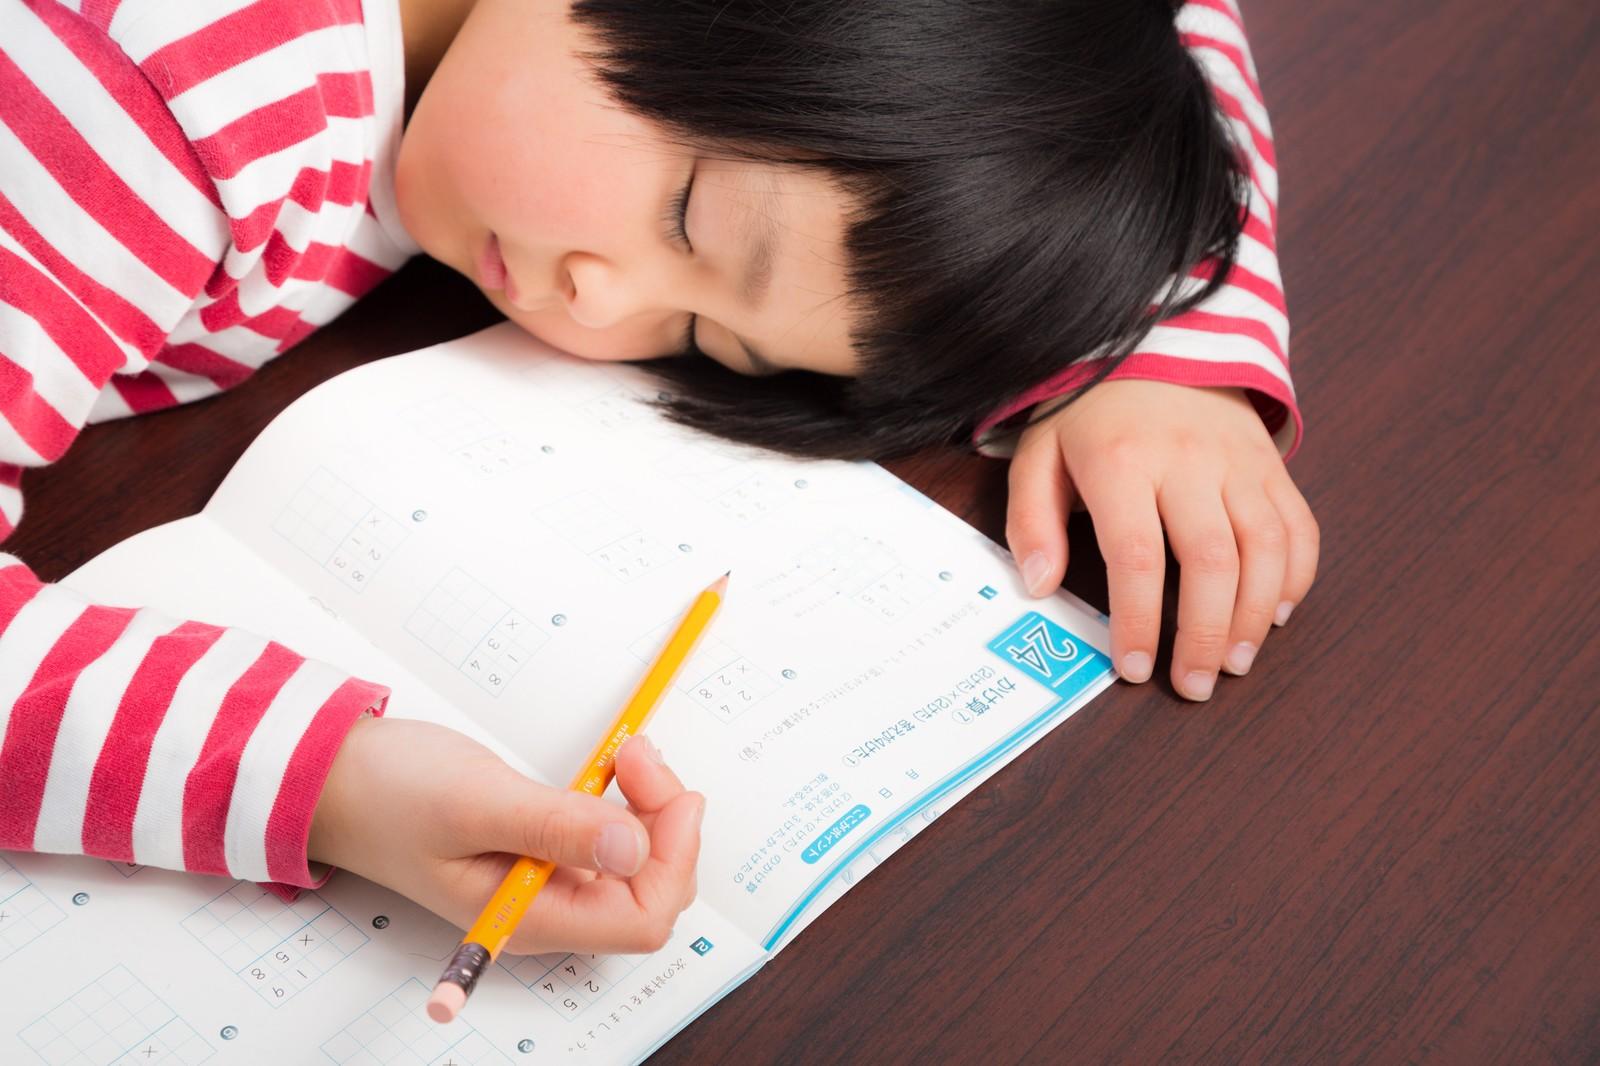 授業中に眠いのはNG